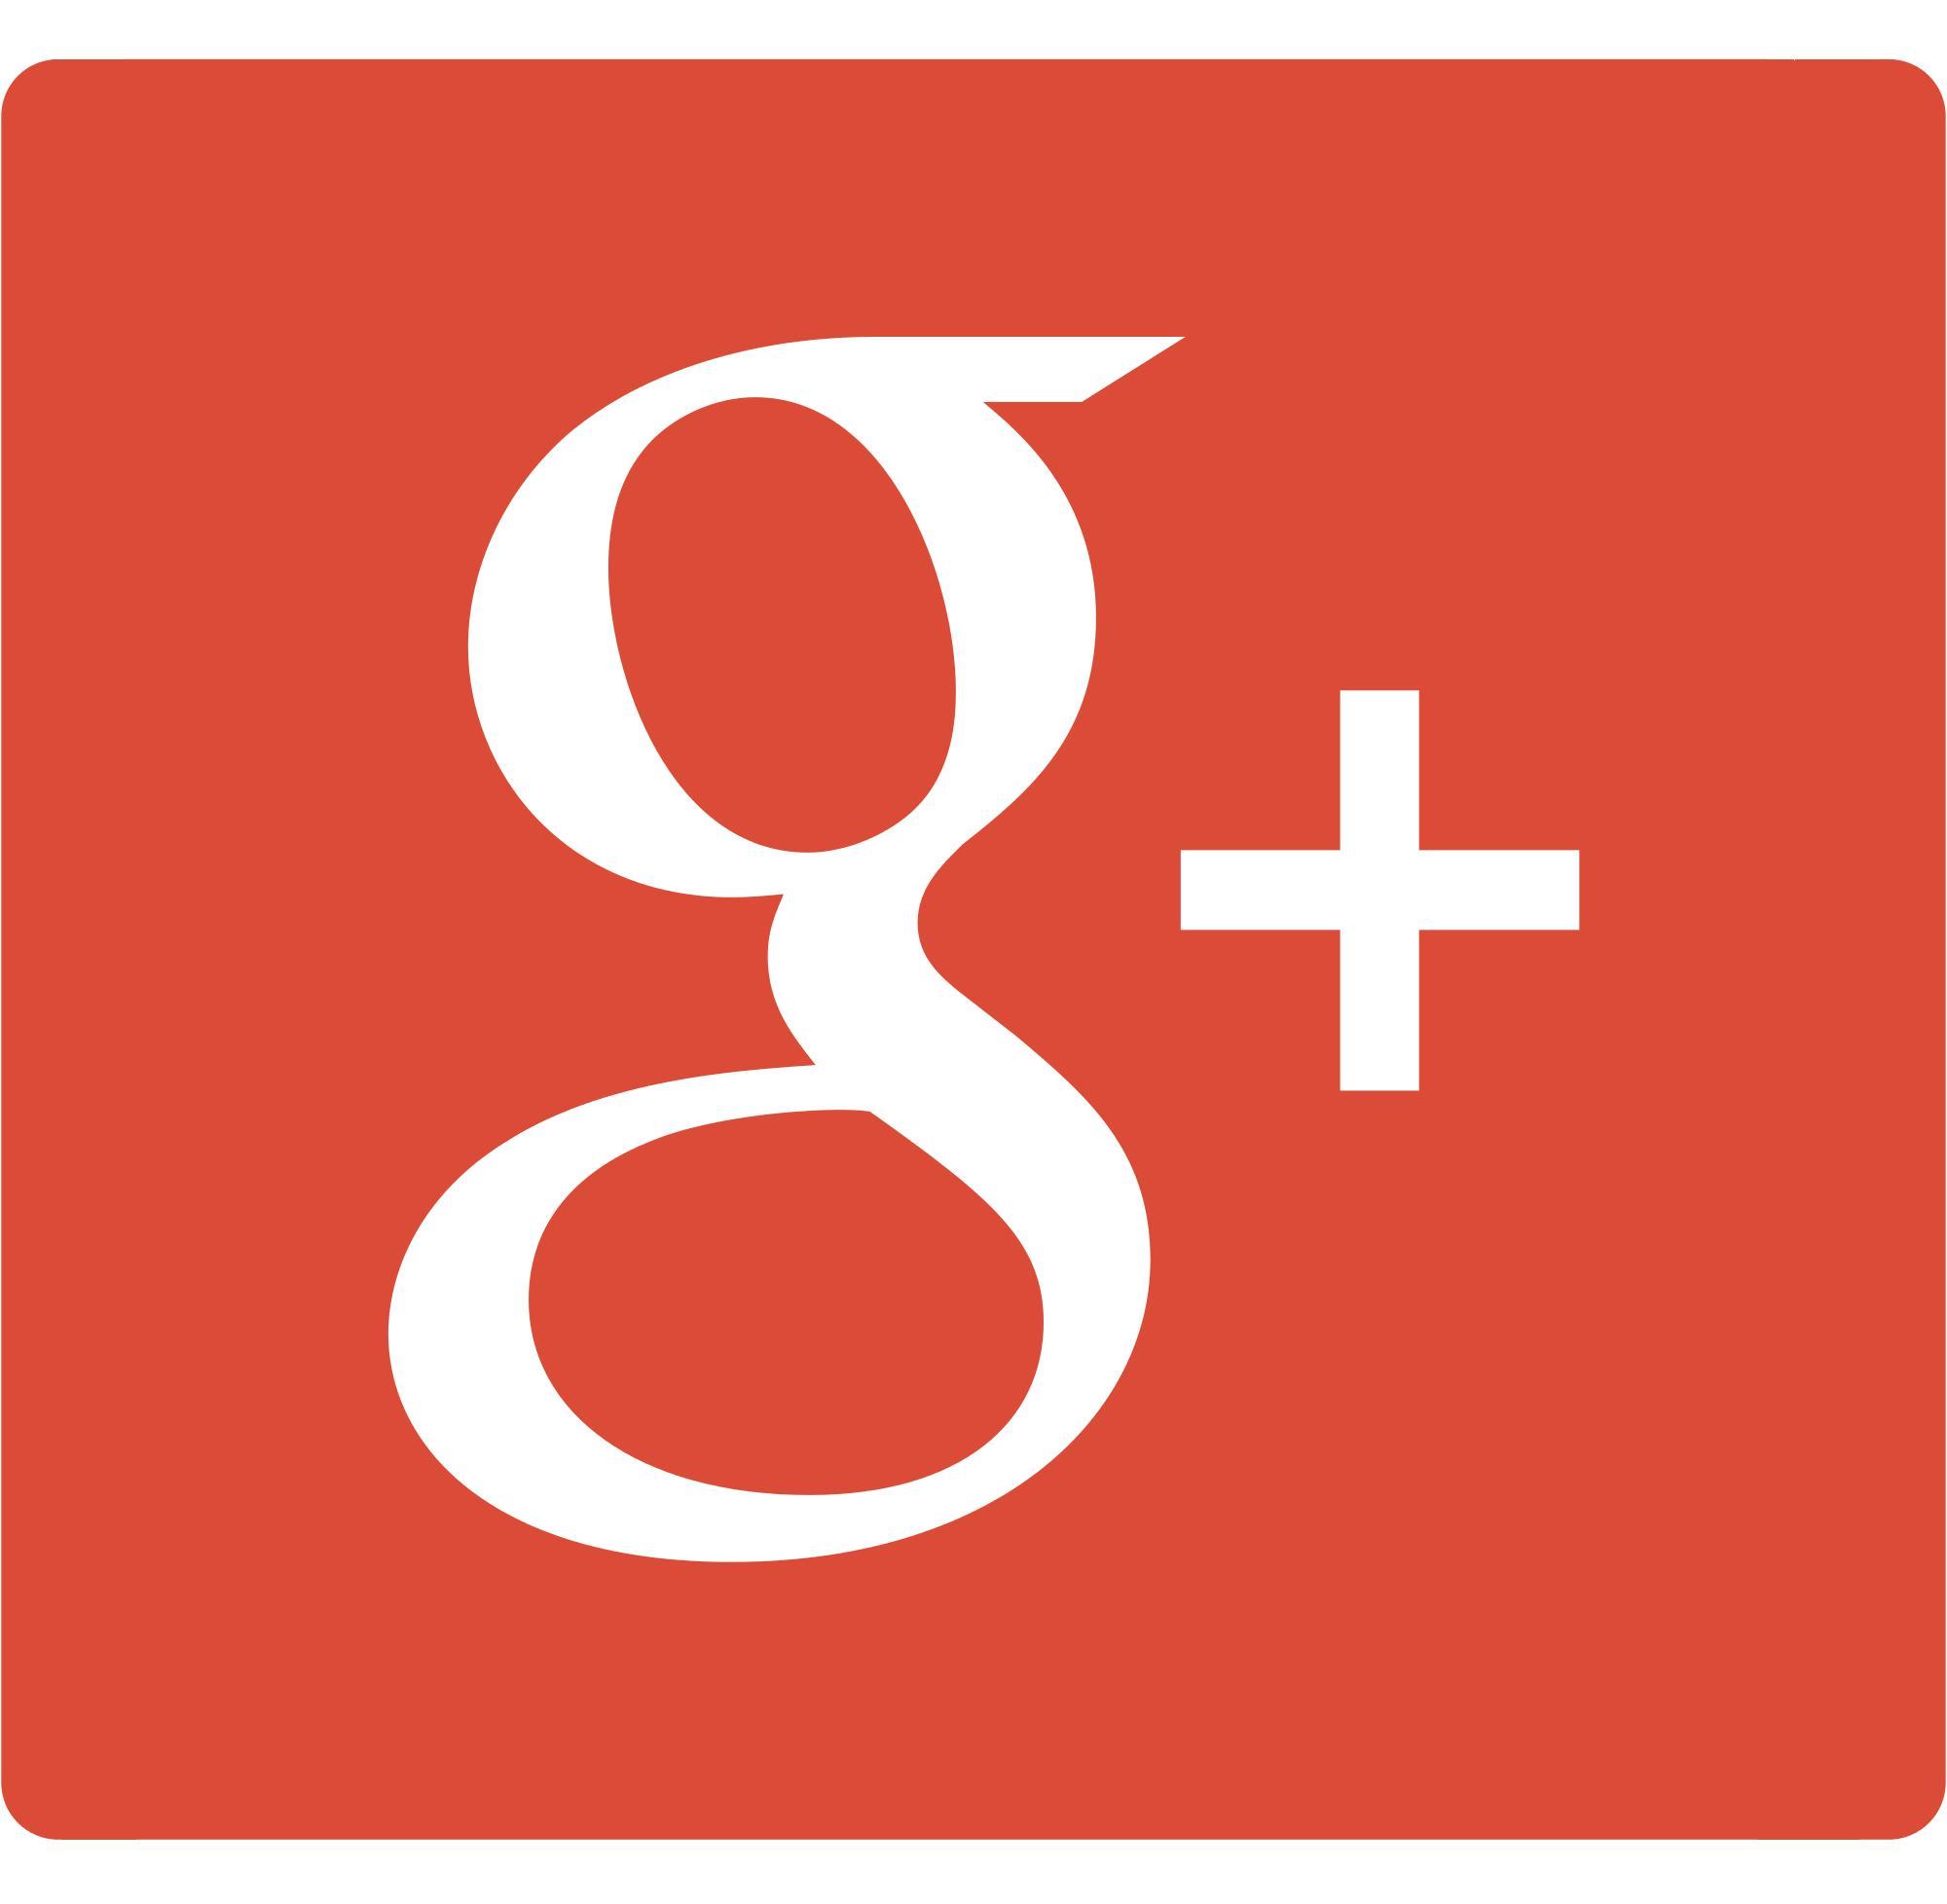 Как посмотреть контакты в gmail?